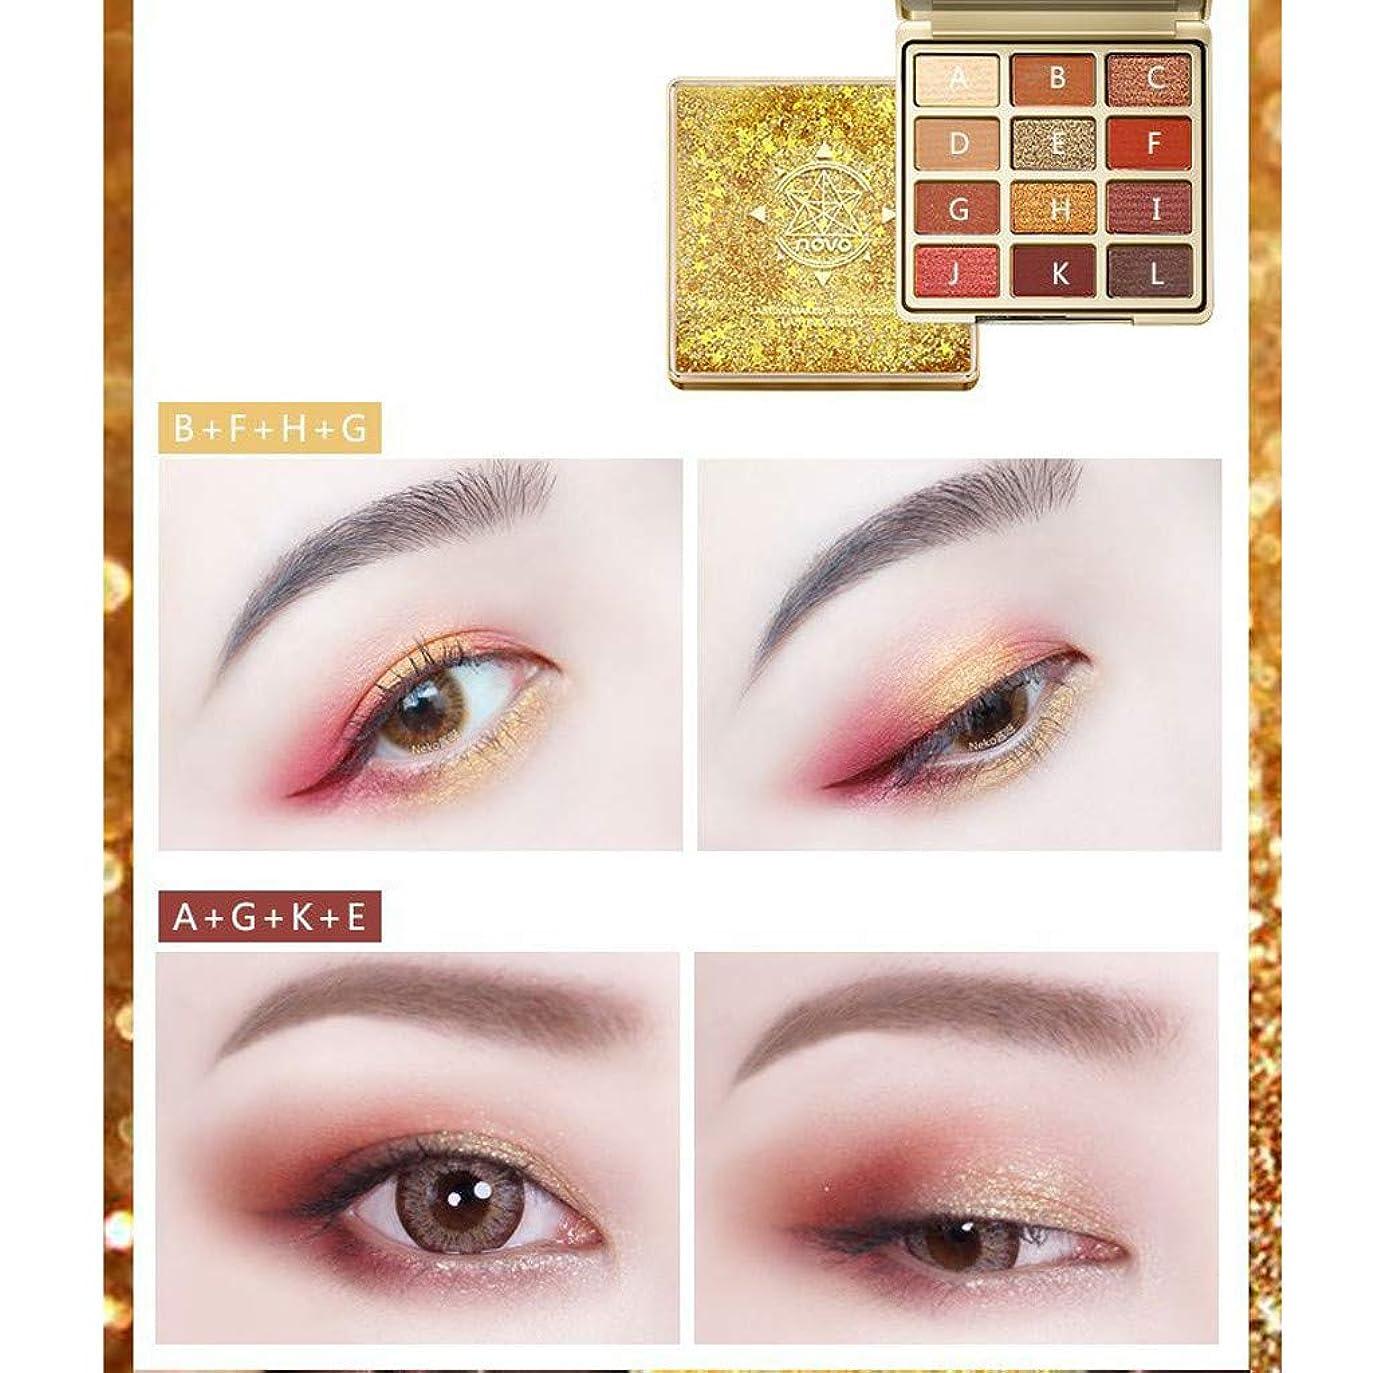 大声でコンパイル去るAkane アイシャドウパレット Novo ファッション INS 人気 超綺麗 美しい キラキラ 優雅な 防水 魅力的 高級 可愛い 持ち便利 日常 Eye Shadow (12色) 103